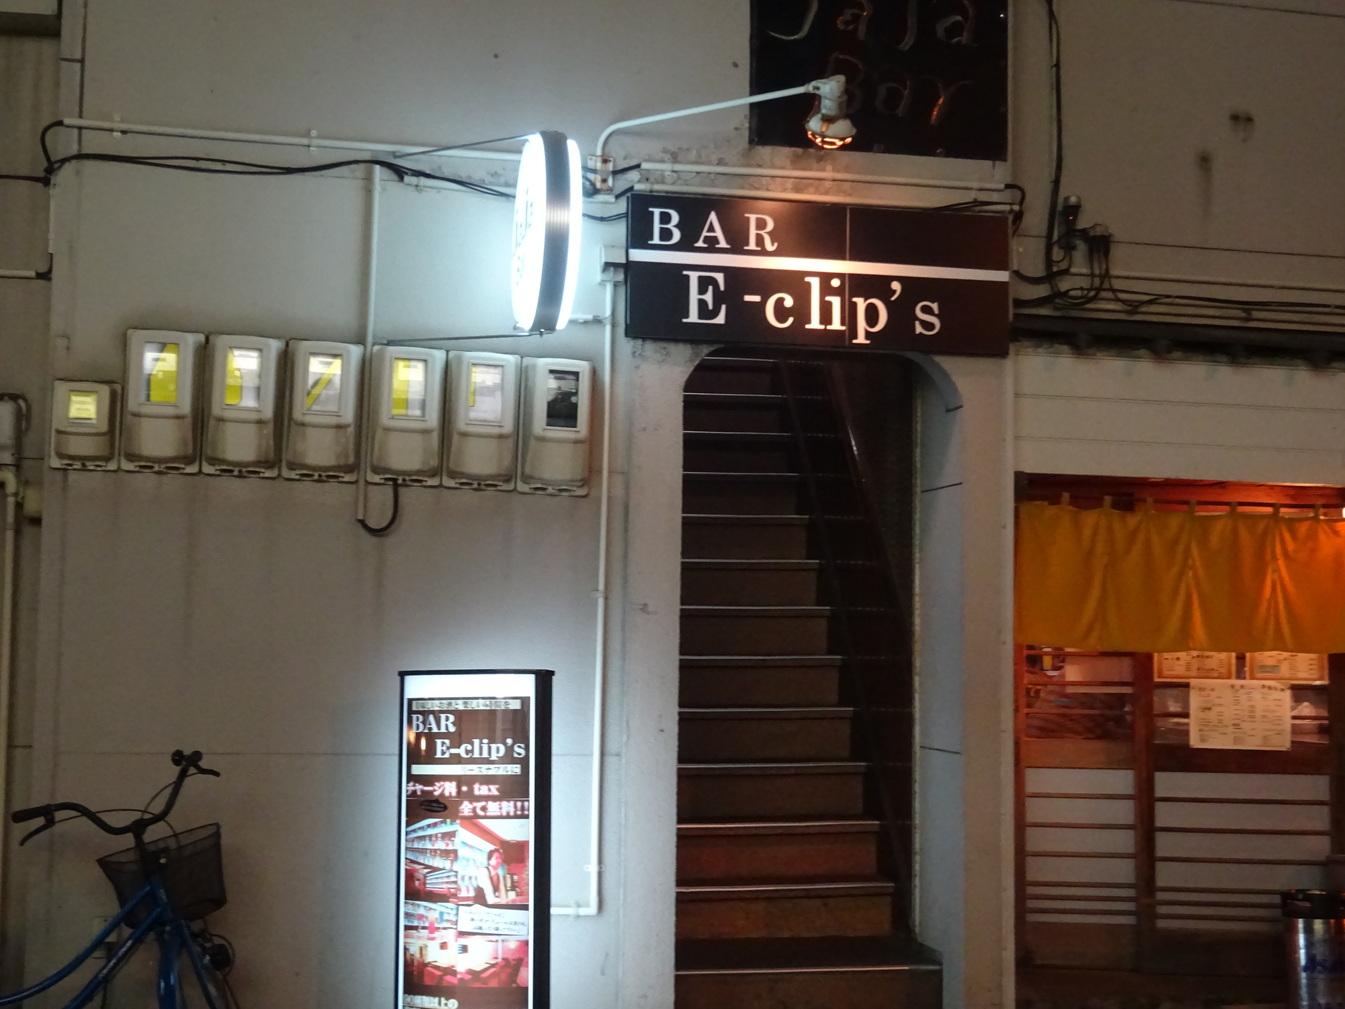 BAR E-clip's